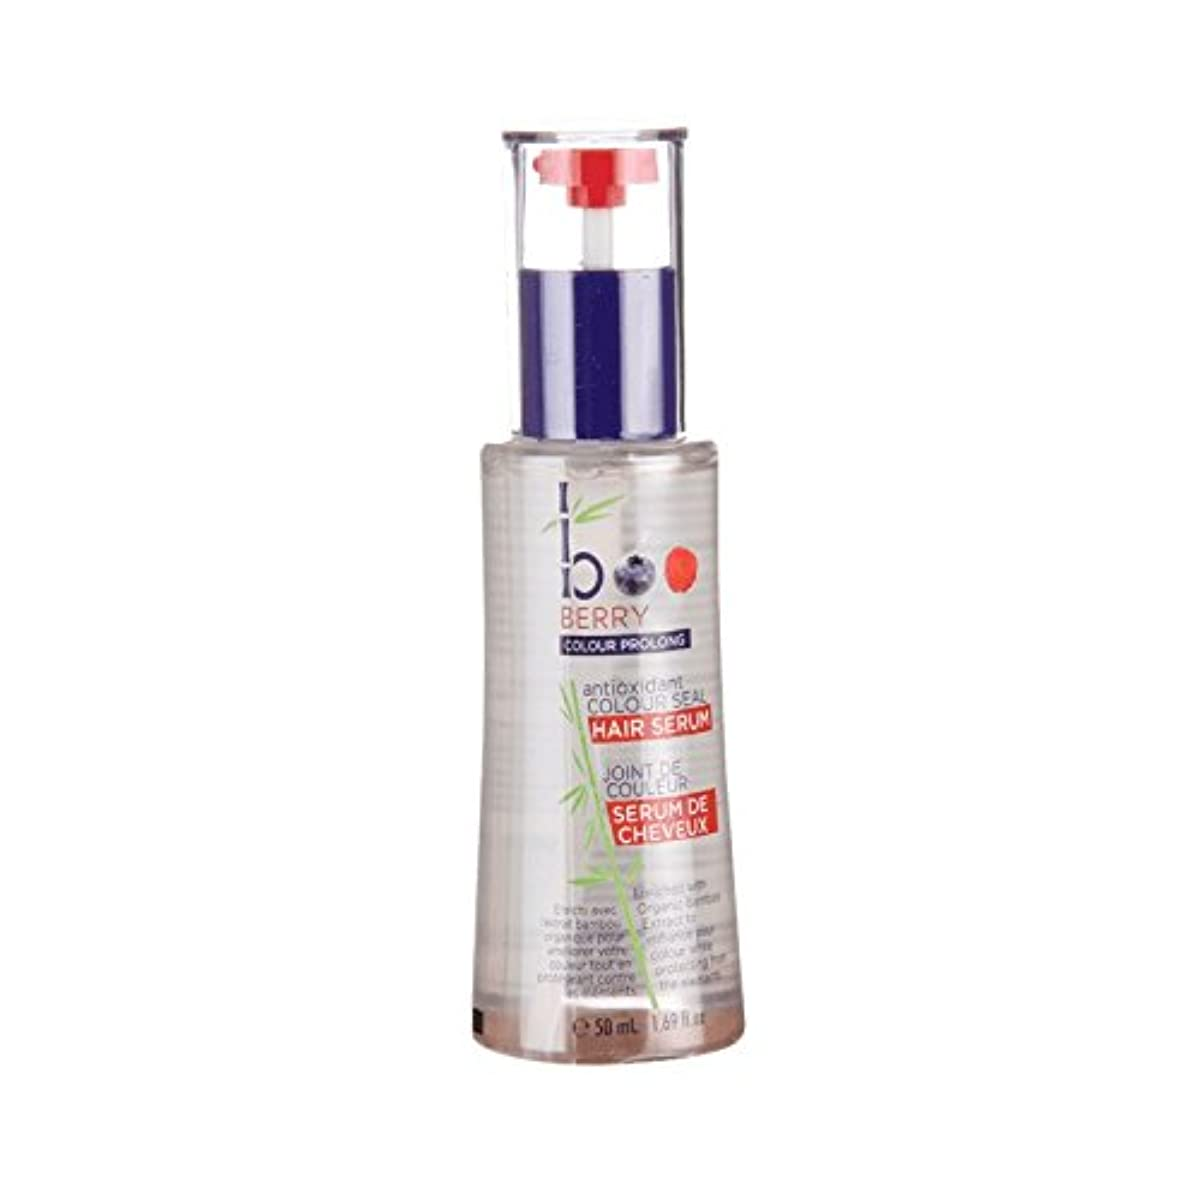 顔料バーターライラックBooberryカラーシール髪血清150ミリリットル - Booberry Colour Seal Hair Serum 150ml (Booberry Colour) [並行輸入品]